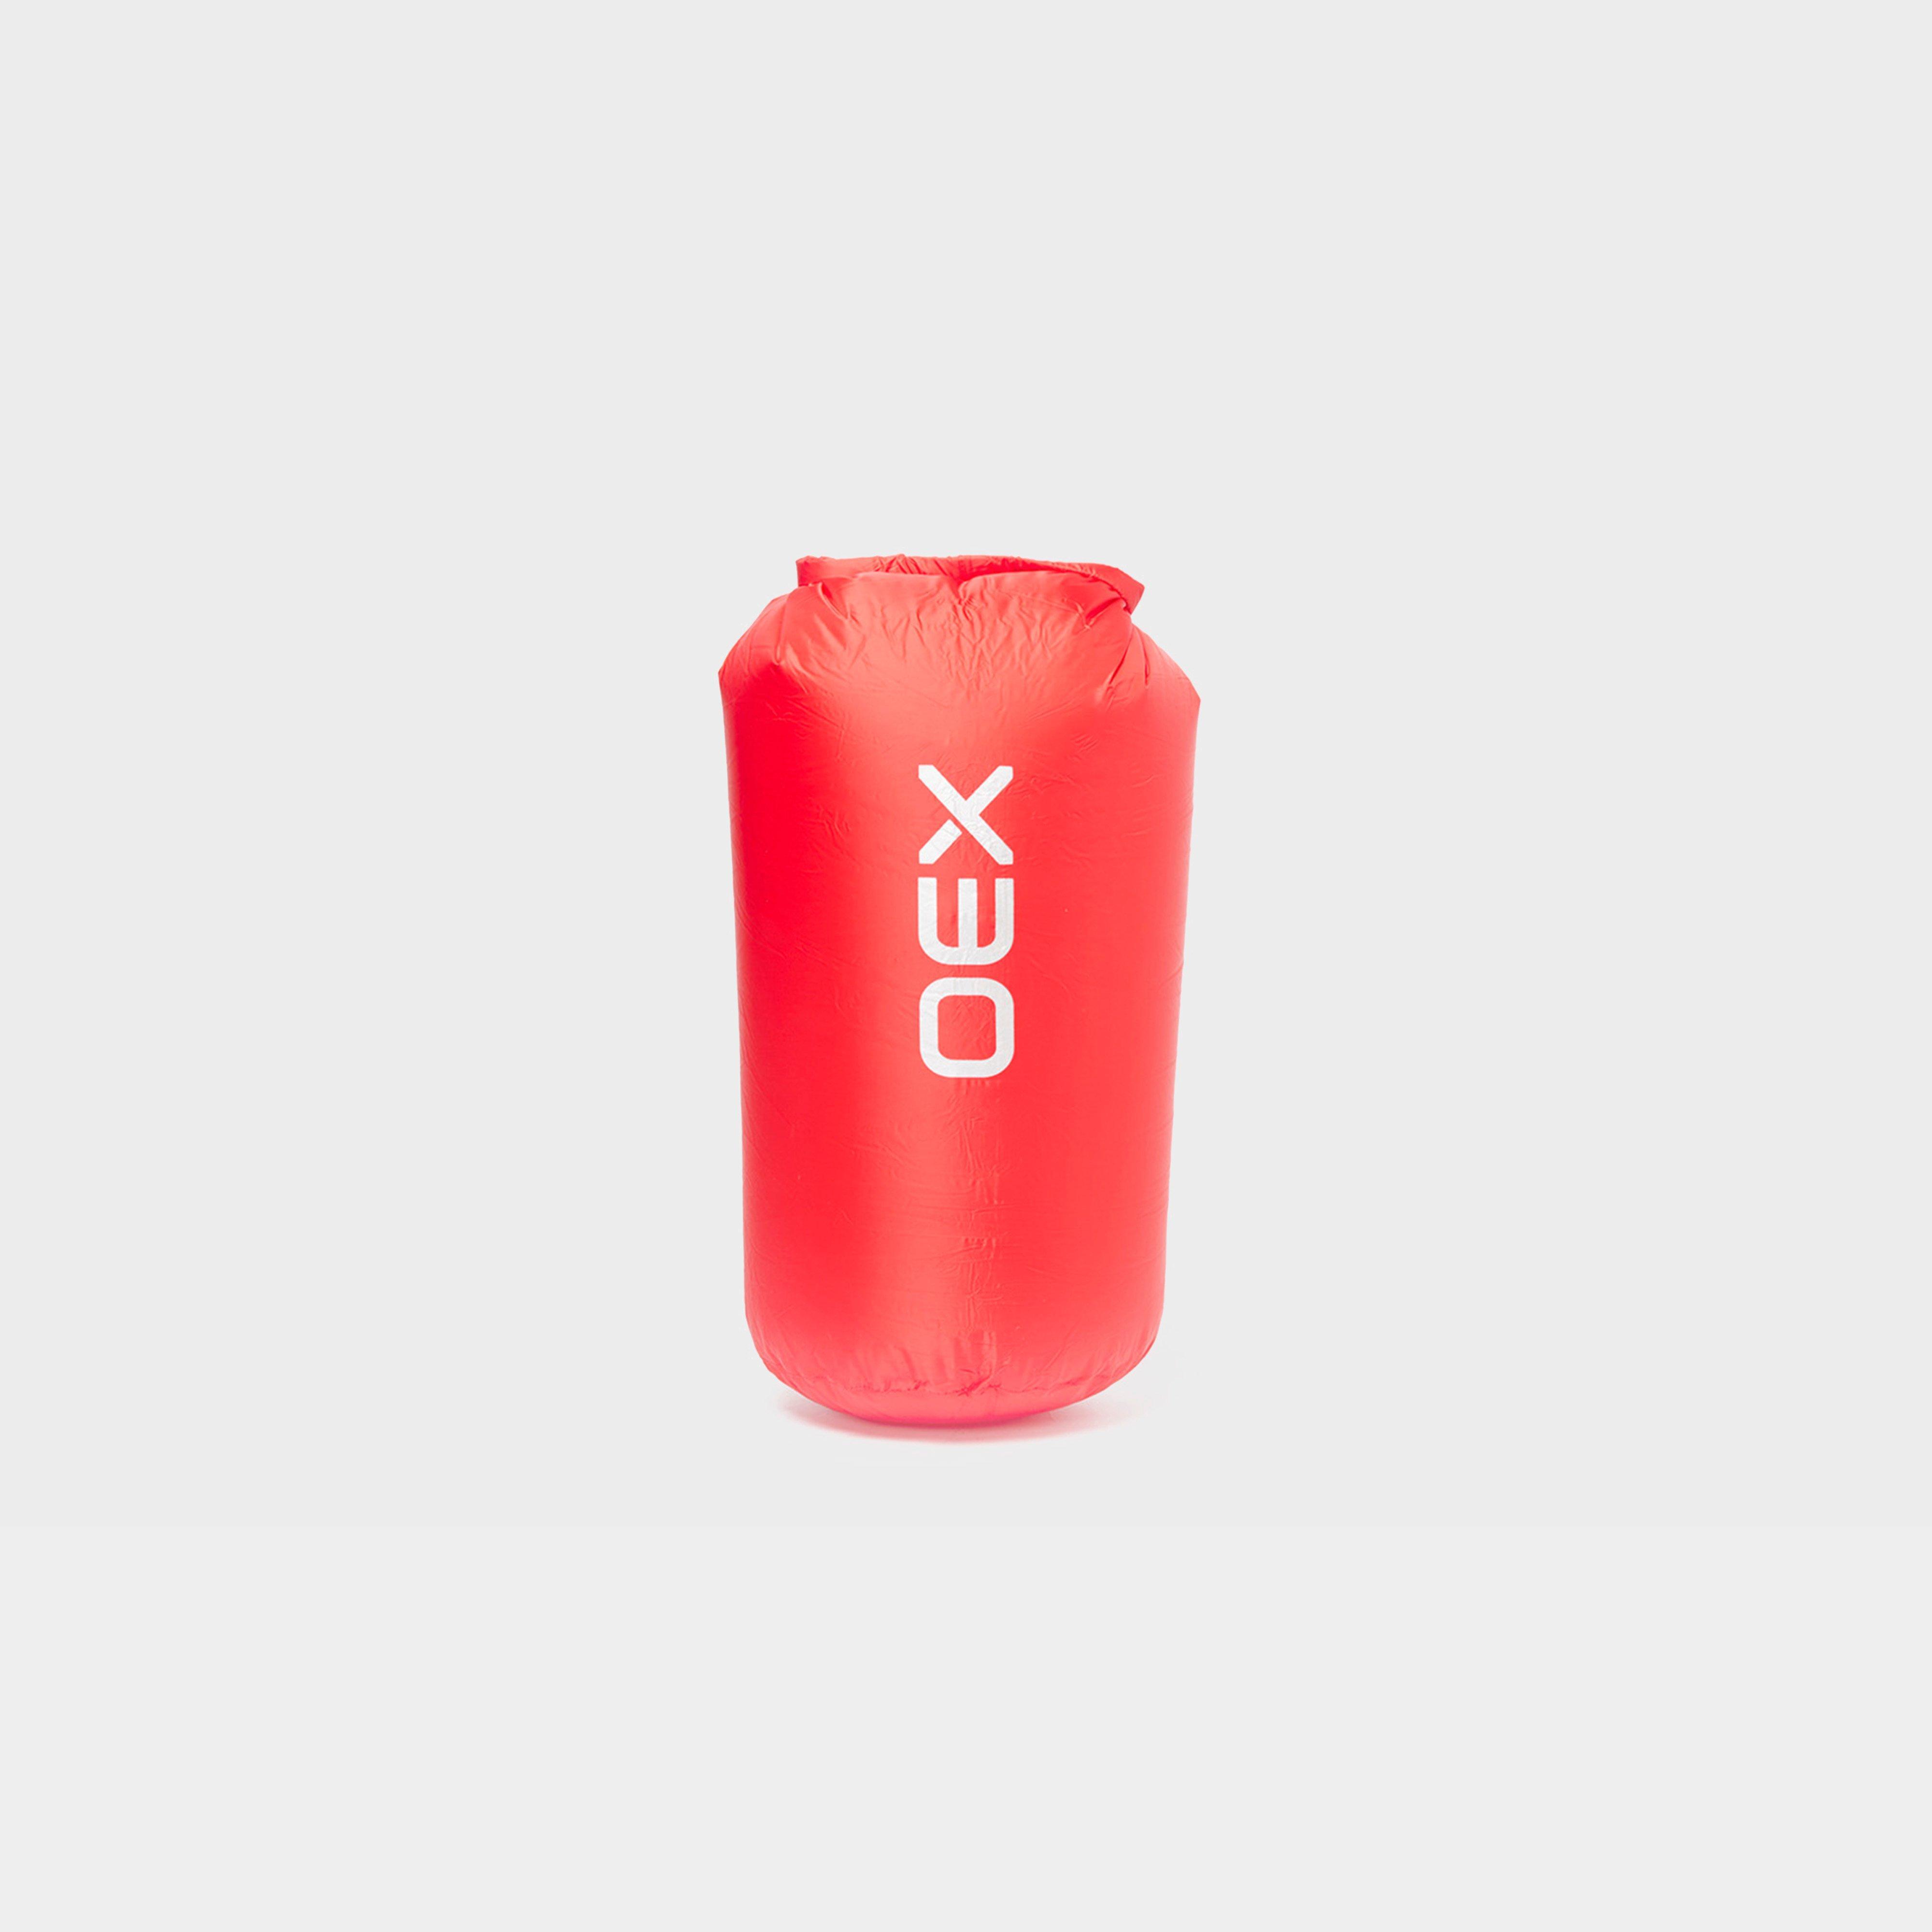 Oex Oex 5 Litre Drysac, Red